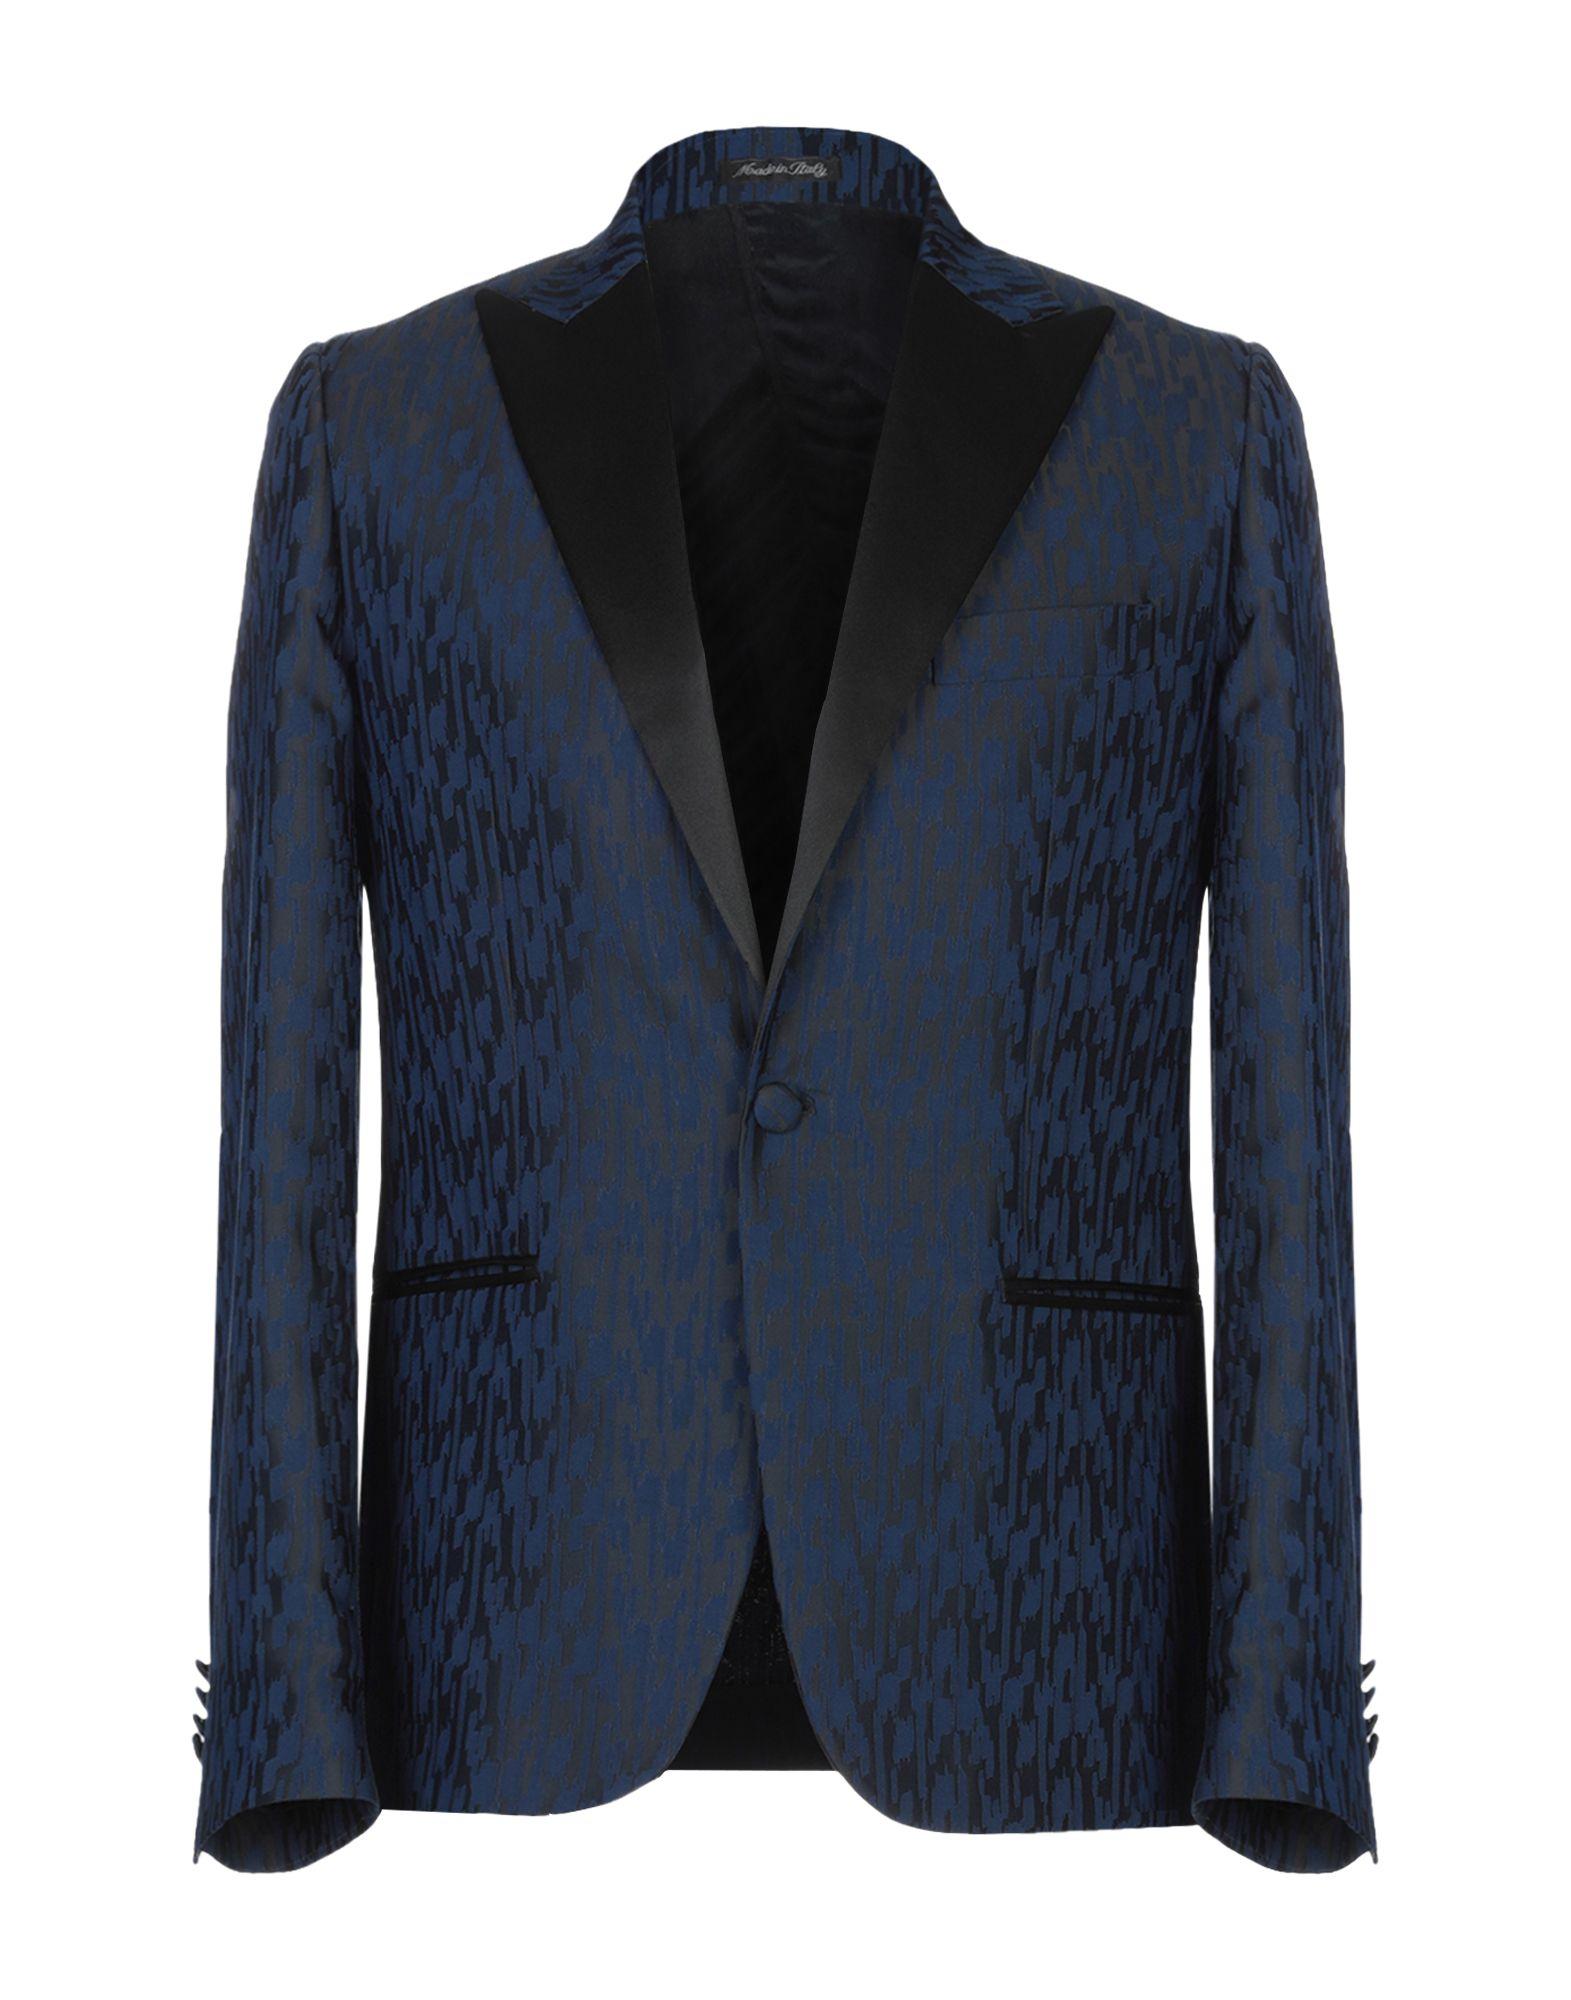 《期間限定セール開催中!》EREDI DEL DUCA メンズ テーラードジャケット ダークブルー 48 レーヨン 55% / ポリエステル 45%